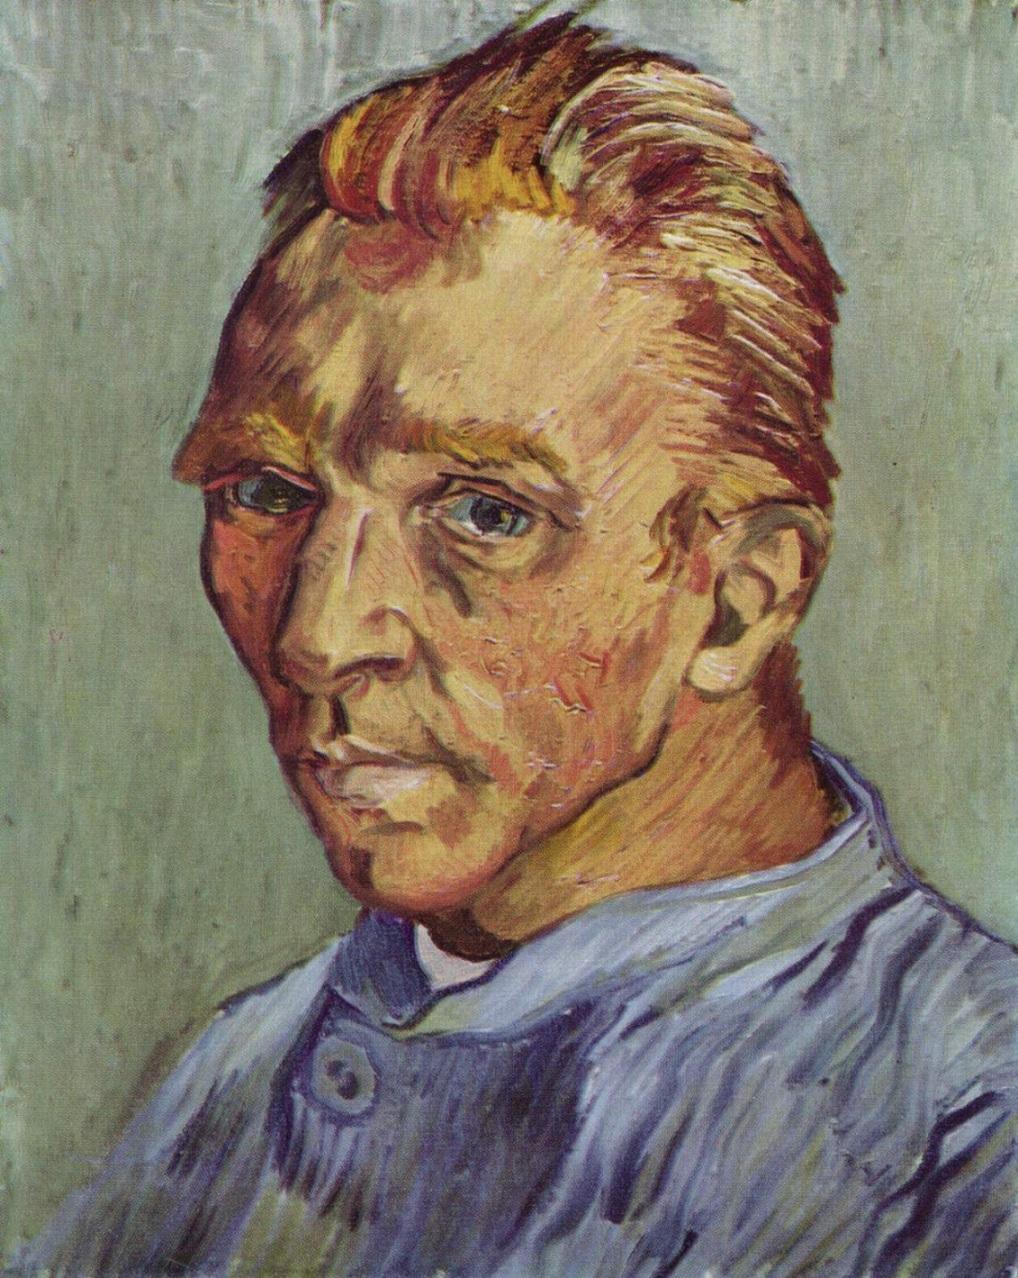 Portrait de L'Artiste Sans Barbe van gogh painting